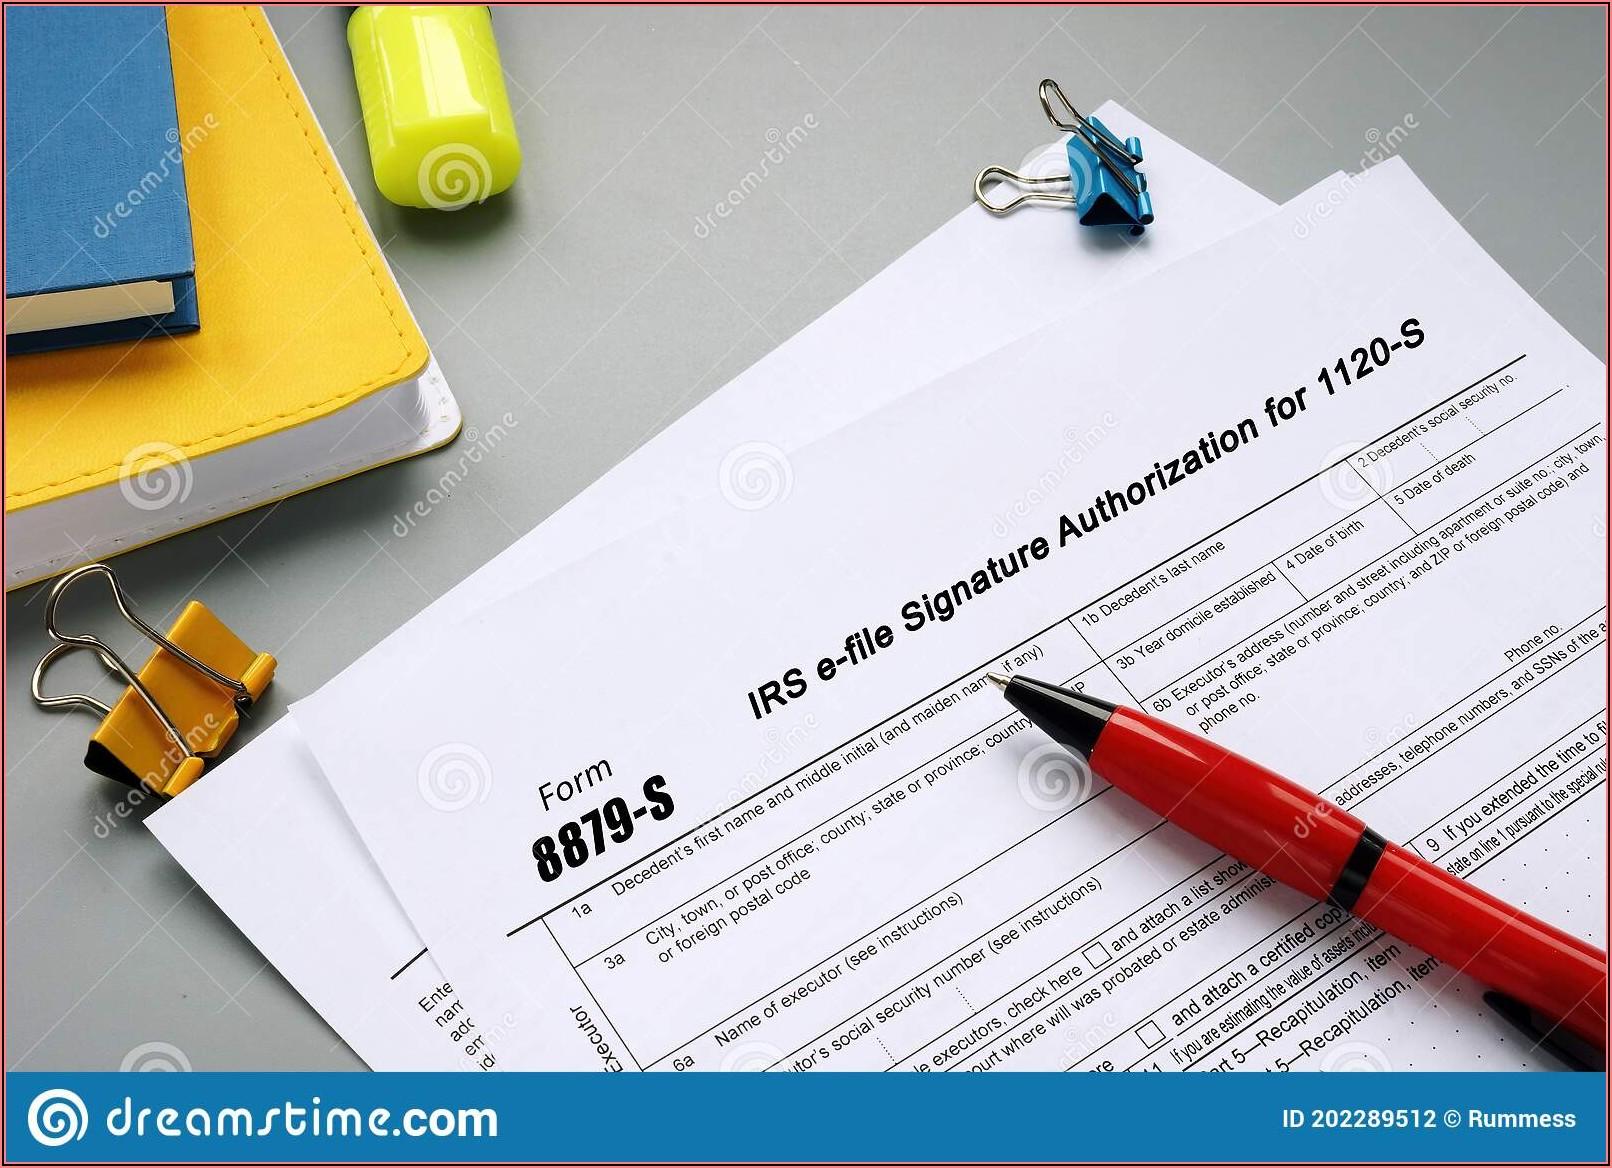 Form 8879 Irs E File Signature Authorization 2018